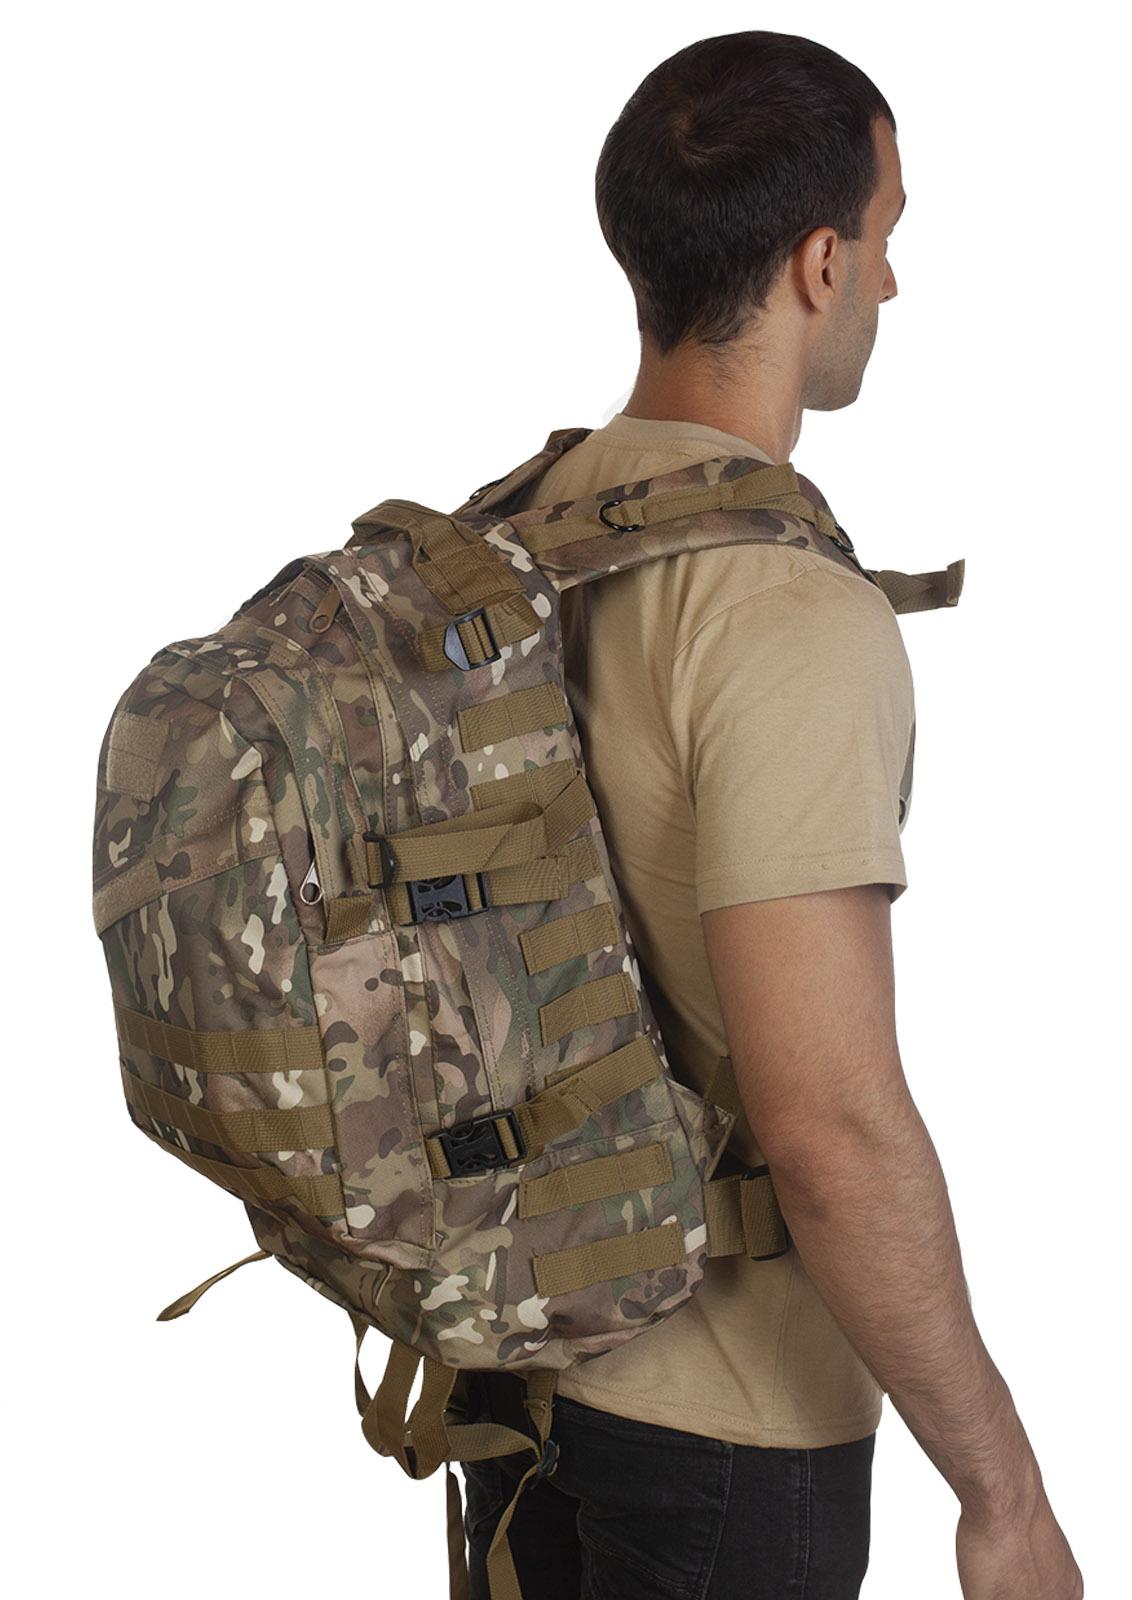 Удобный рюкзак для путешествий (камуфляж Multicam) - по низкой цене